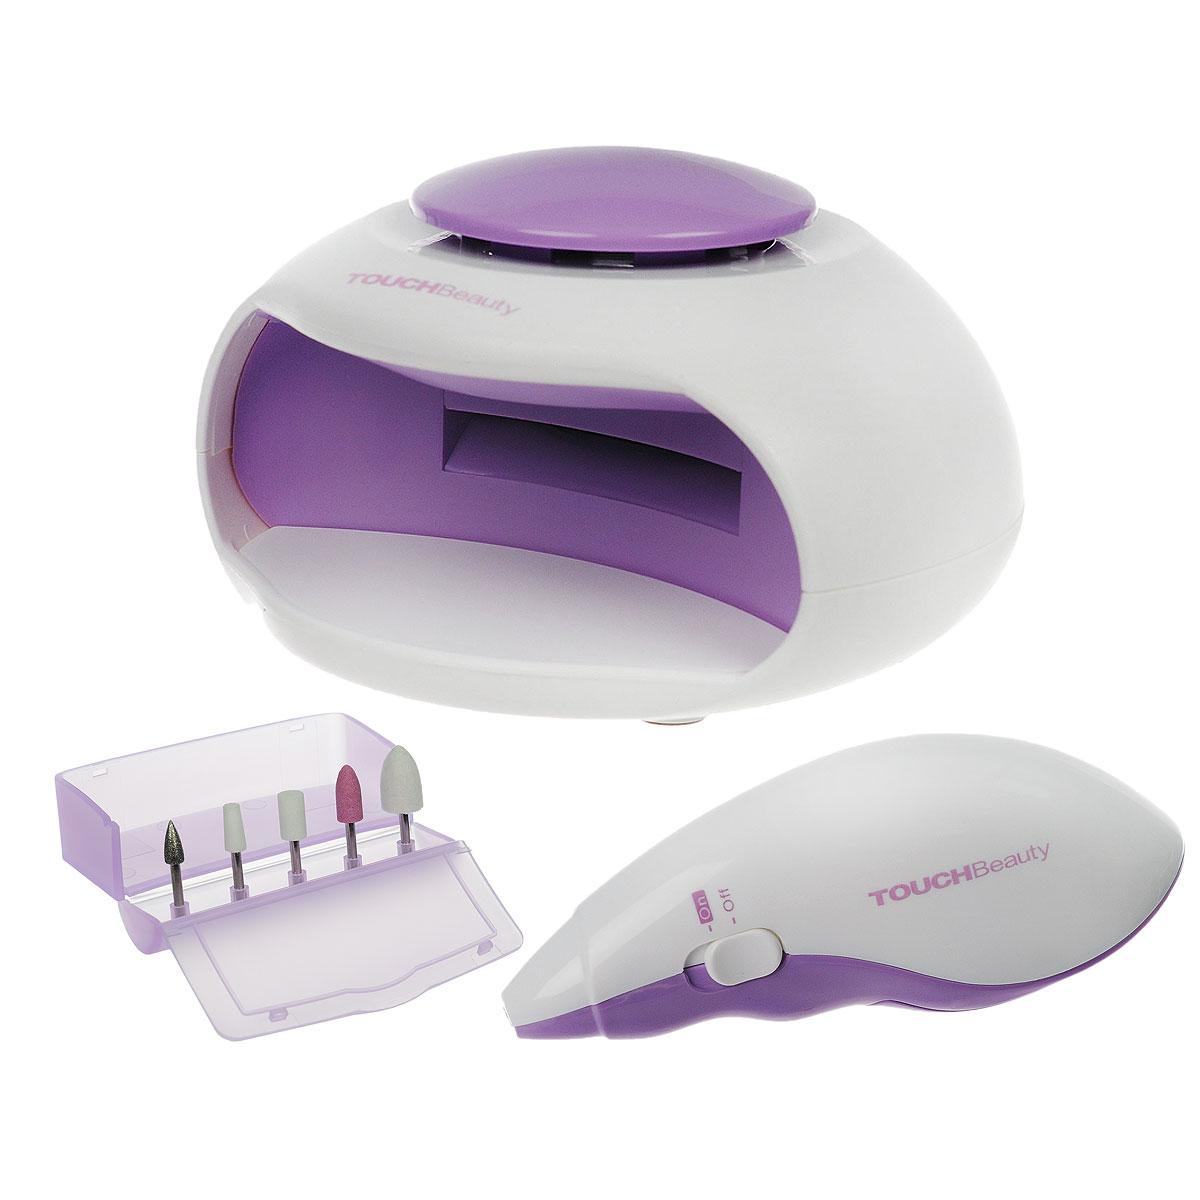 """Touchbeauty Маникюрный набор 2в1 Nail Beauty Kit, цвет: сиреневый. AS-1002AS-1002_сиреневыйУниверсальный маникюрно-педикюрный набор 2в1 """"Nail Beauty Kit"""" - для заботливого ухода за ногтями. В комплекте: электроприбор для профессионального маникюра, 5 насадок, УФ-электросушка для быстрого высыхания лака, футляр для хранения насадок. Прибор для маникюра используется для ухода за ногтями - формирования, полировки. Электрическая сушилка для ногтей предназначена для финальной сушки лака. Насадки: Насадка для кутикулы - формирует край ногтя и устраняет кутикулу; Насадка для формирования - полирует поверхность или тонкий передний край акрилового или натурального ногтя; Карборундовая насадка - измельчает акриловый ноготь для обеих сторон и по задней кромке; Конусная насадка - для полировки заднего края акрилового ногтя, чтобы получить гладкую поверхность на стыке с натуральным ногтем; Войлочная насадка - полировка поверхности для получения блеска. Прибор работает от 2 батареек типа ААА, Уф-электросушка - от 3 батареек типа ААА..."""